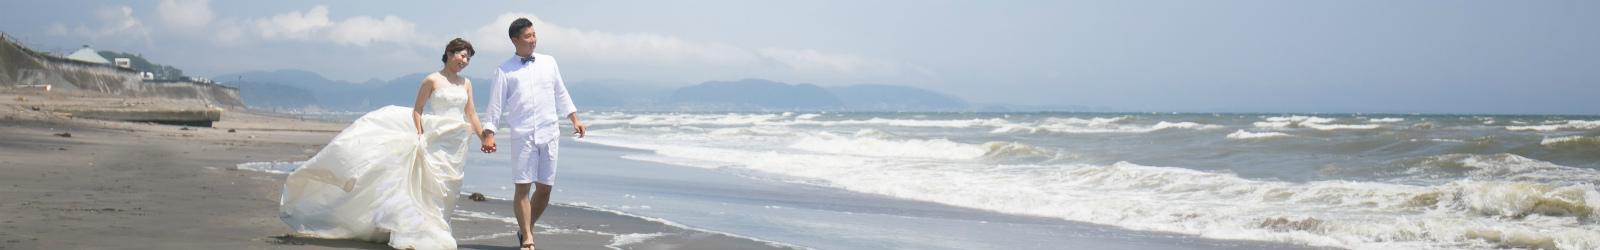 七里ヶ浜 トラシュザドレスウェディング